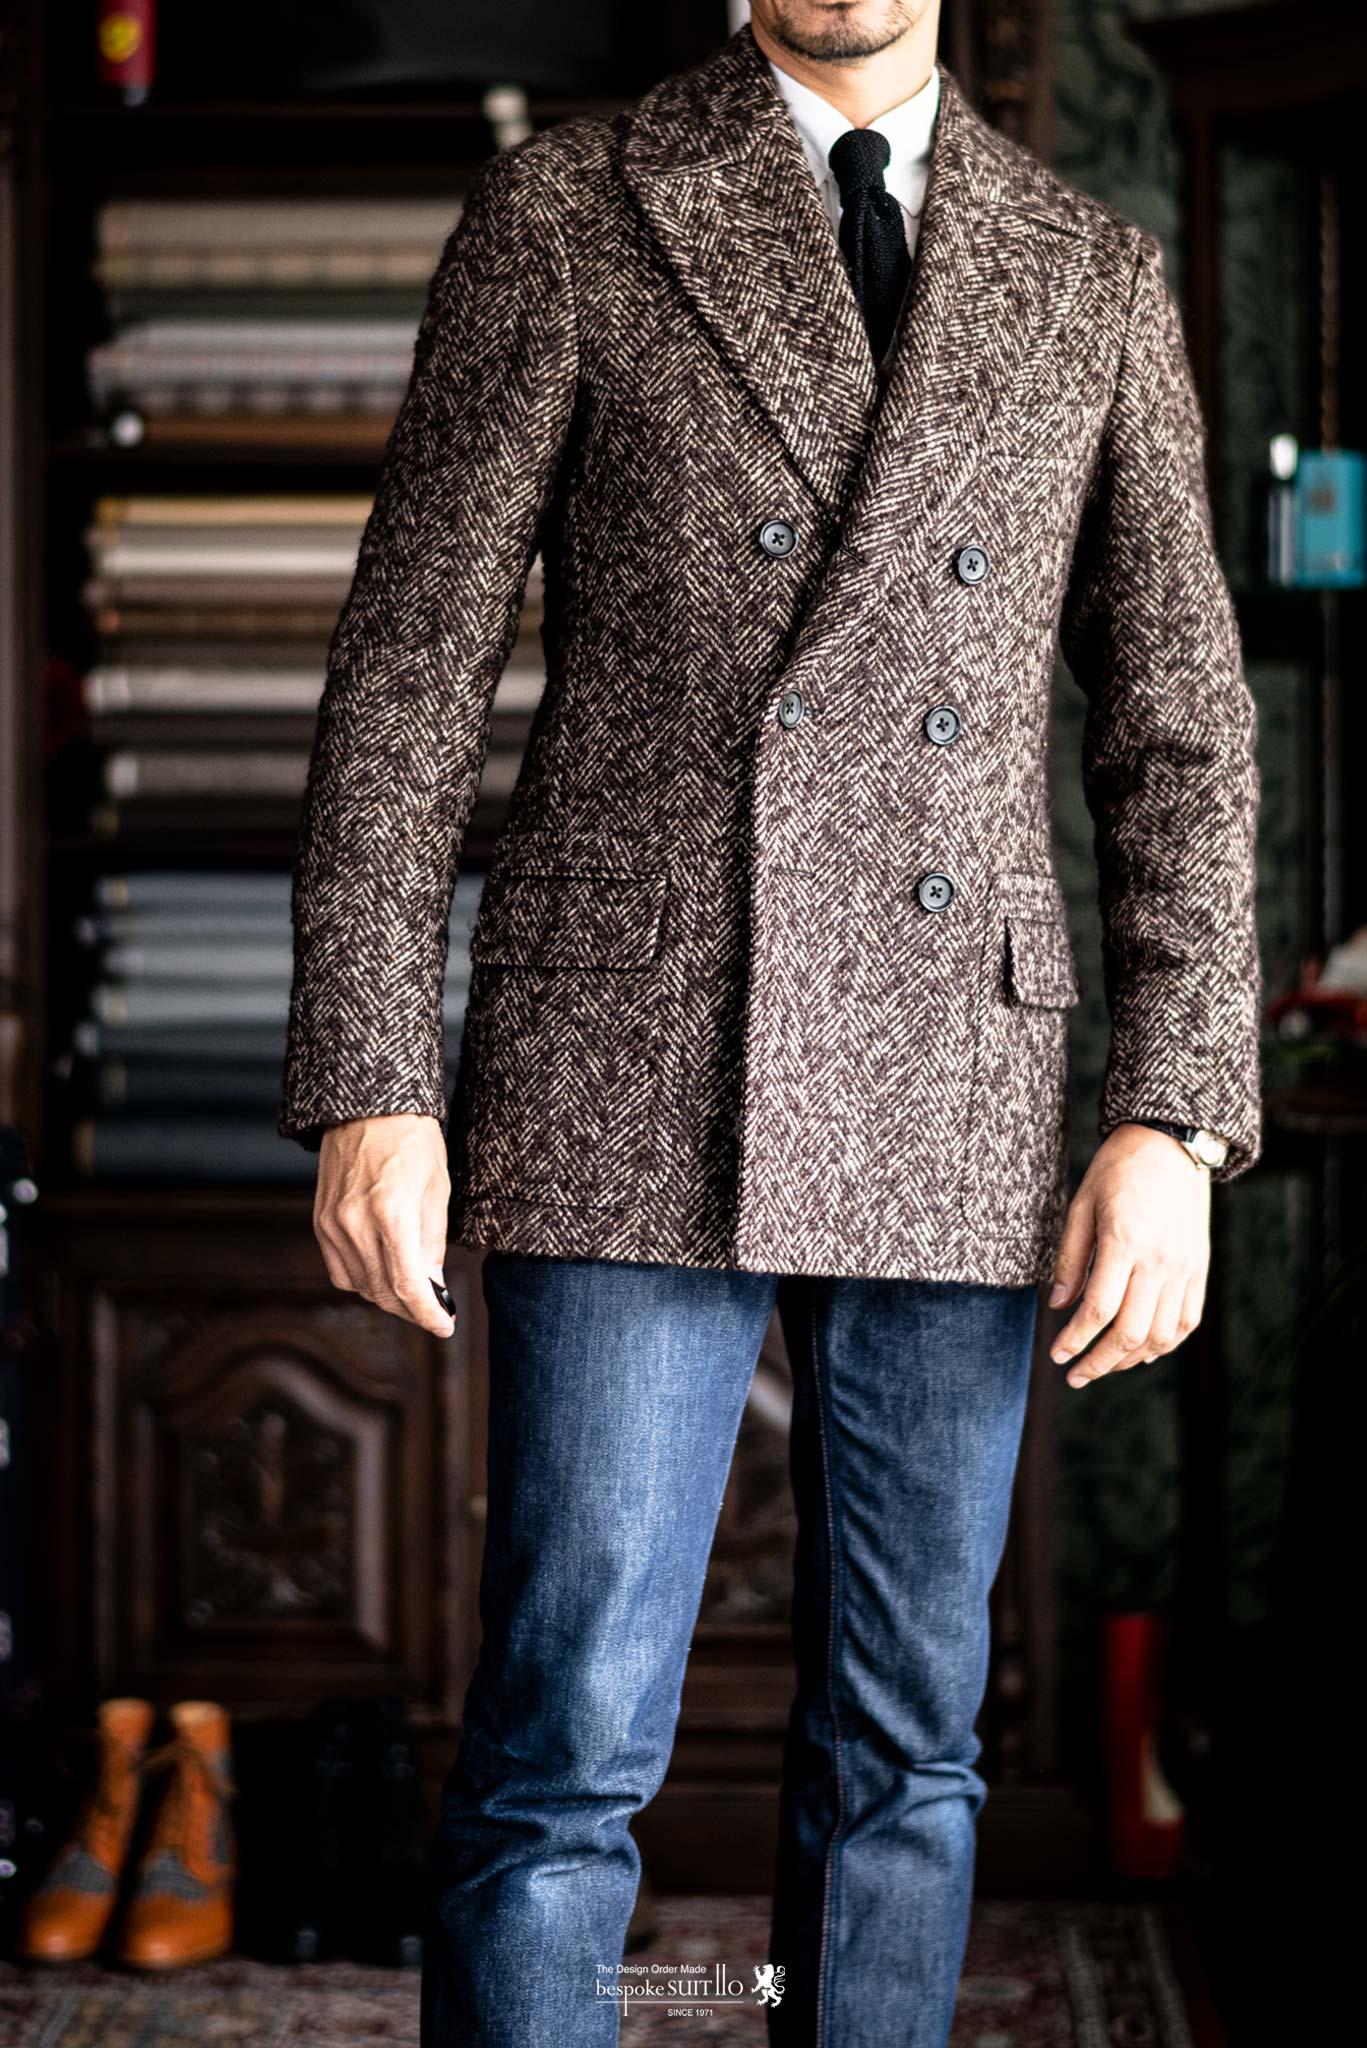 ★ジャケットのように羽織るコート Giaccone(ジャッコーネ)の受注を開始!